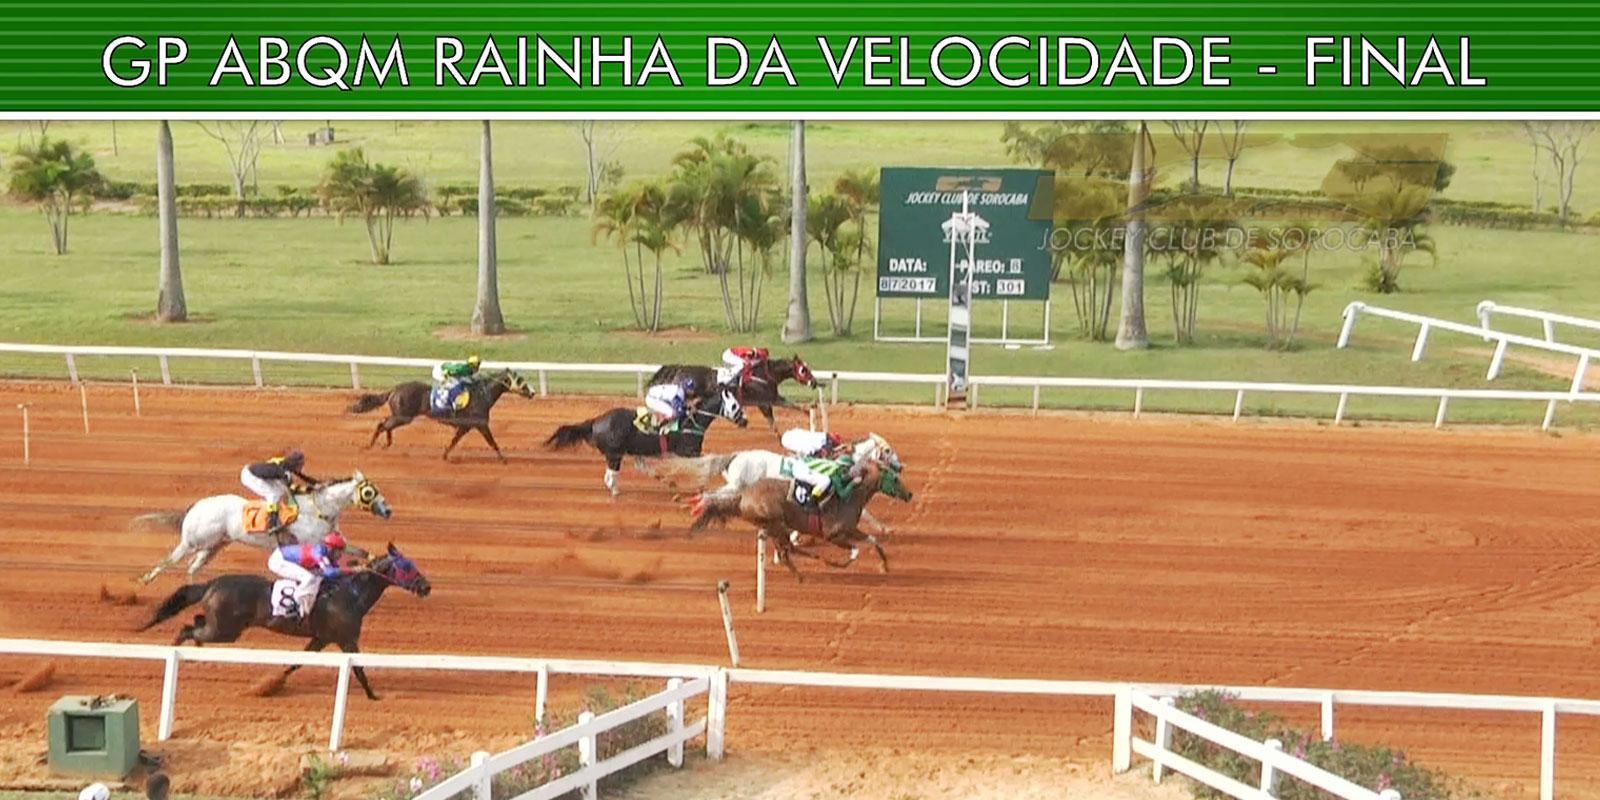 GP ABQM RAINHA DA VELOCIADE 2017